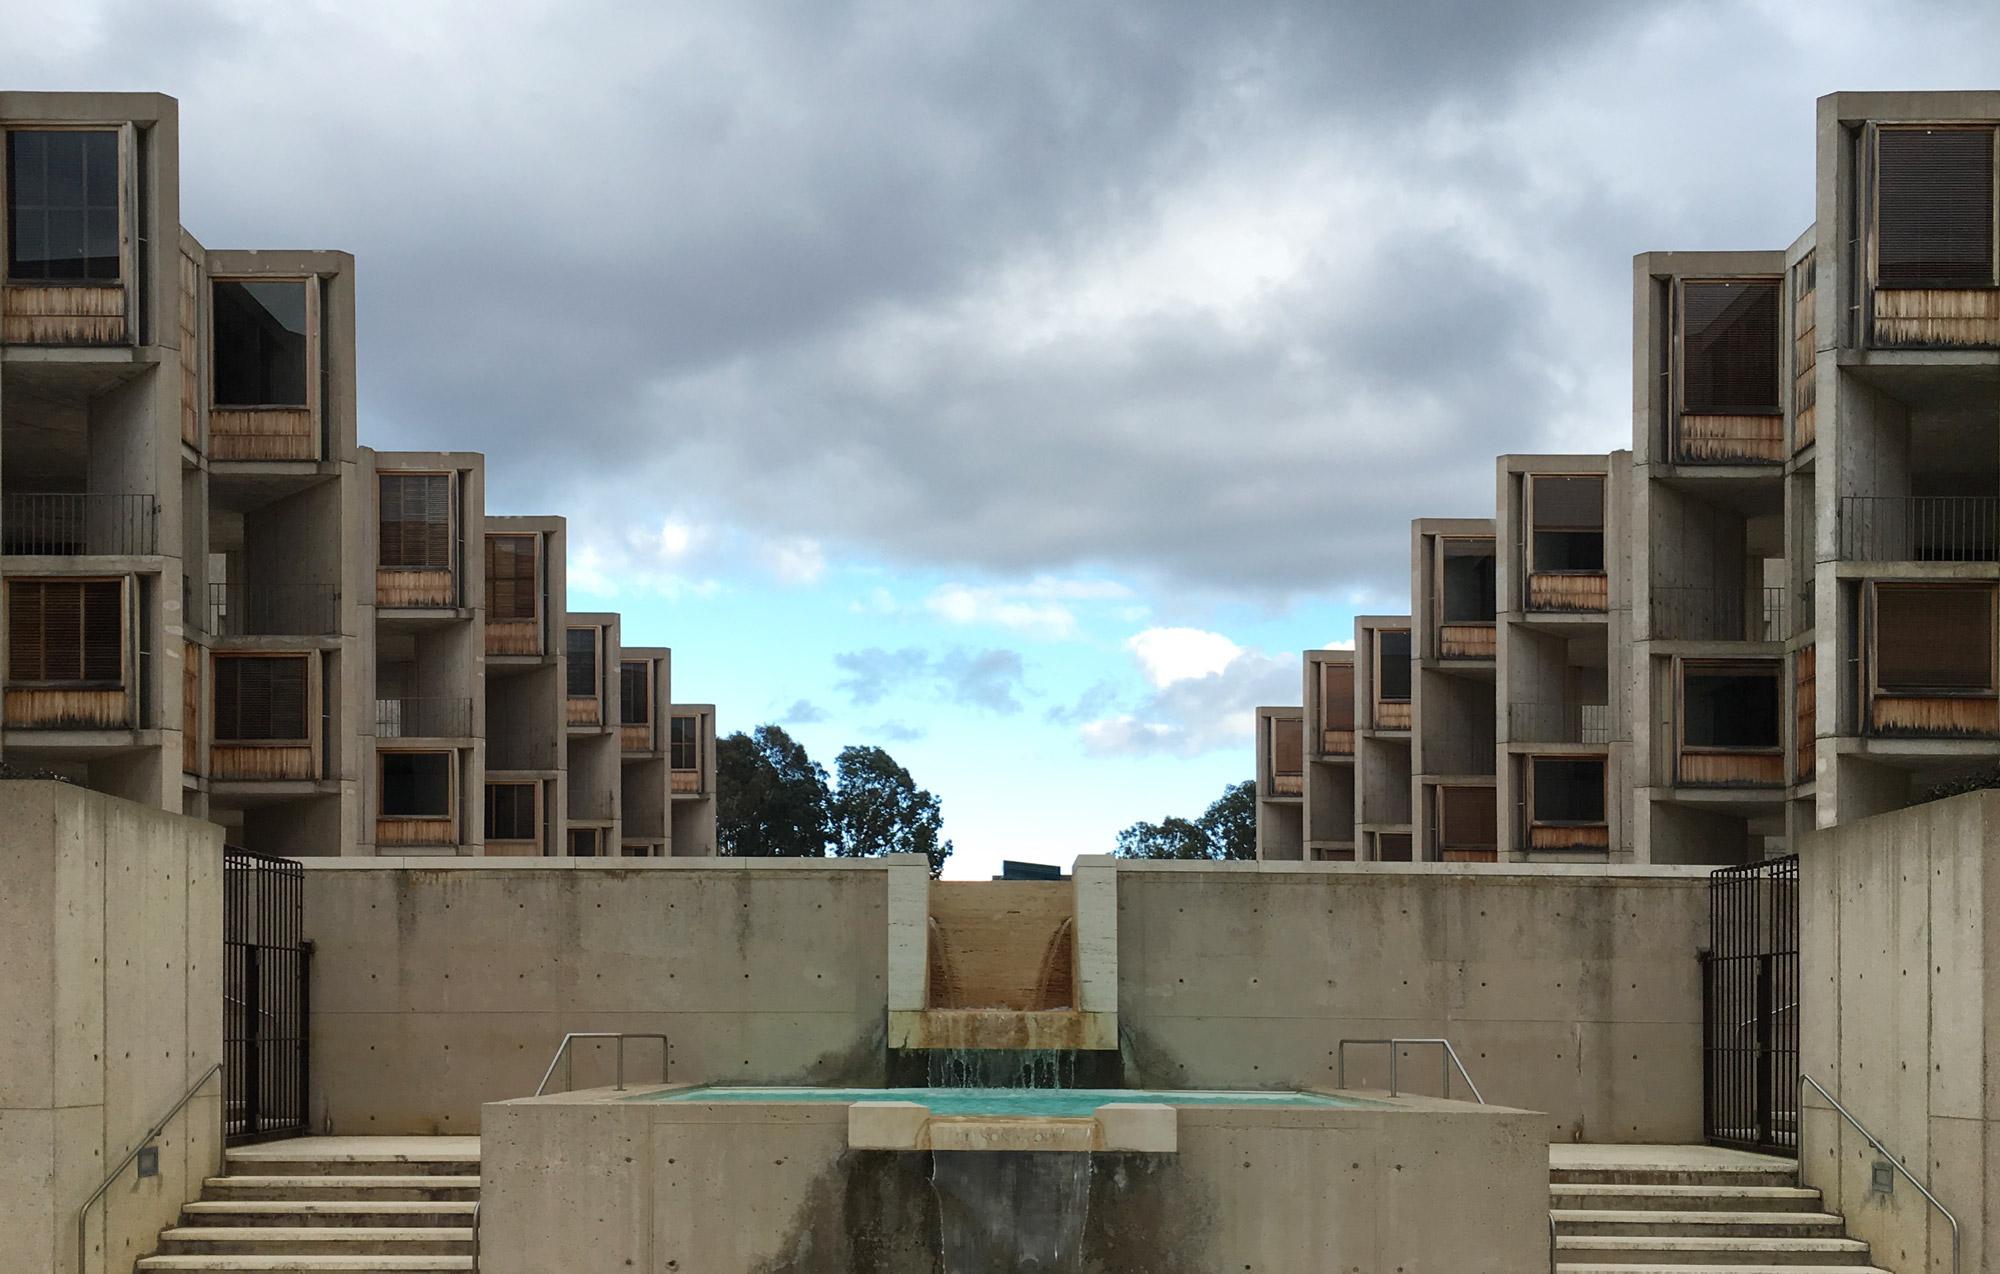 Jonas Salk Institute